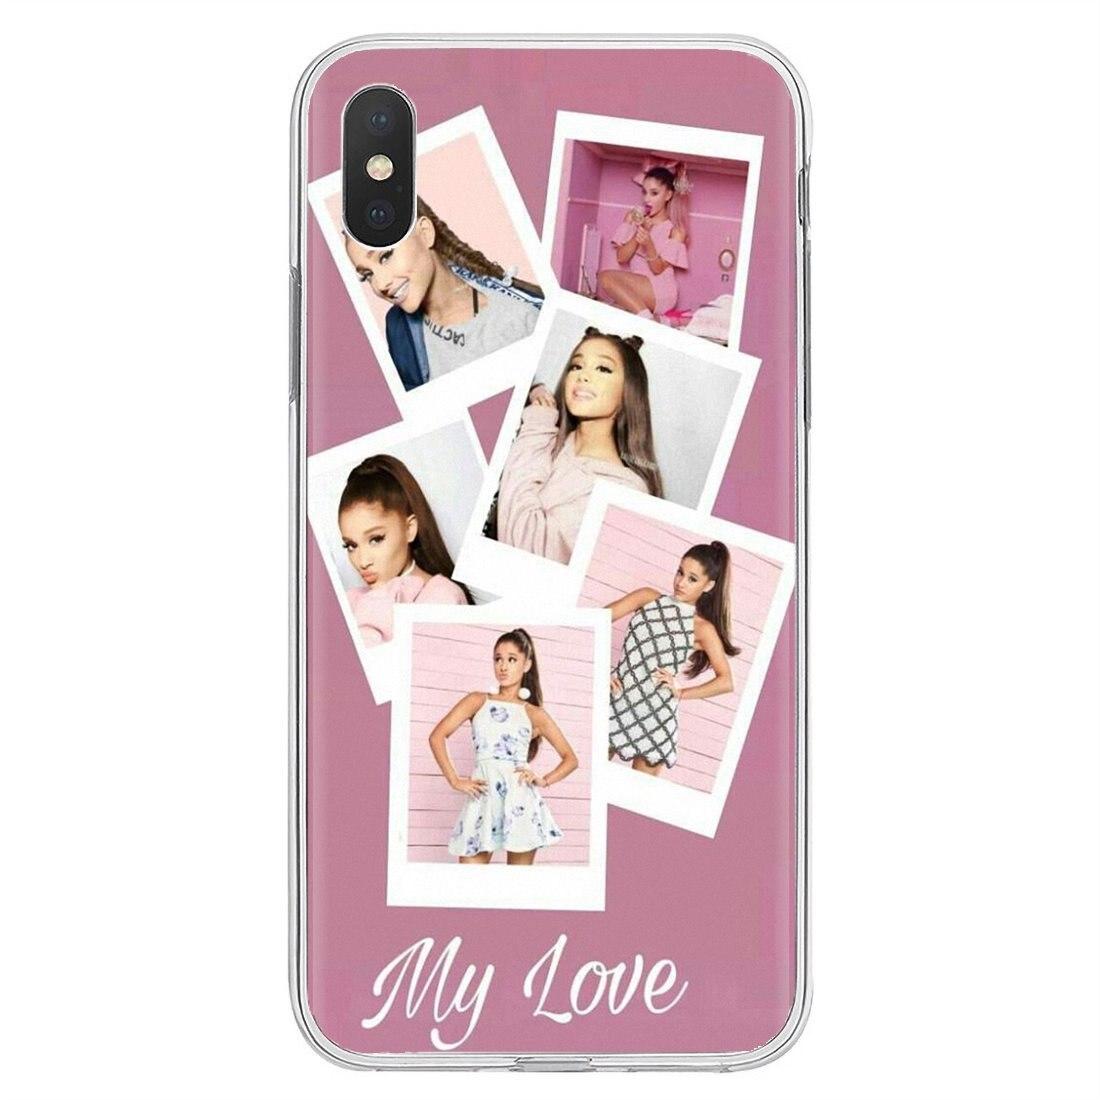 Bonita y inspiradora funda de silicona para Samsung Galaxy A10, A30, A40, A50, A60, A70, S6, Active Note Edge de Ariana Grande